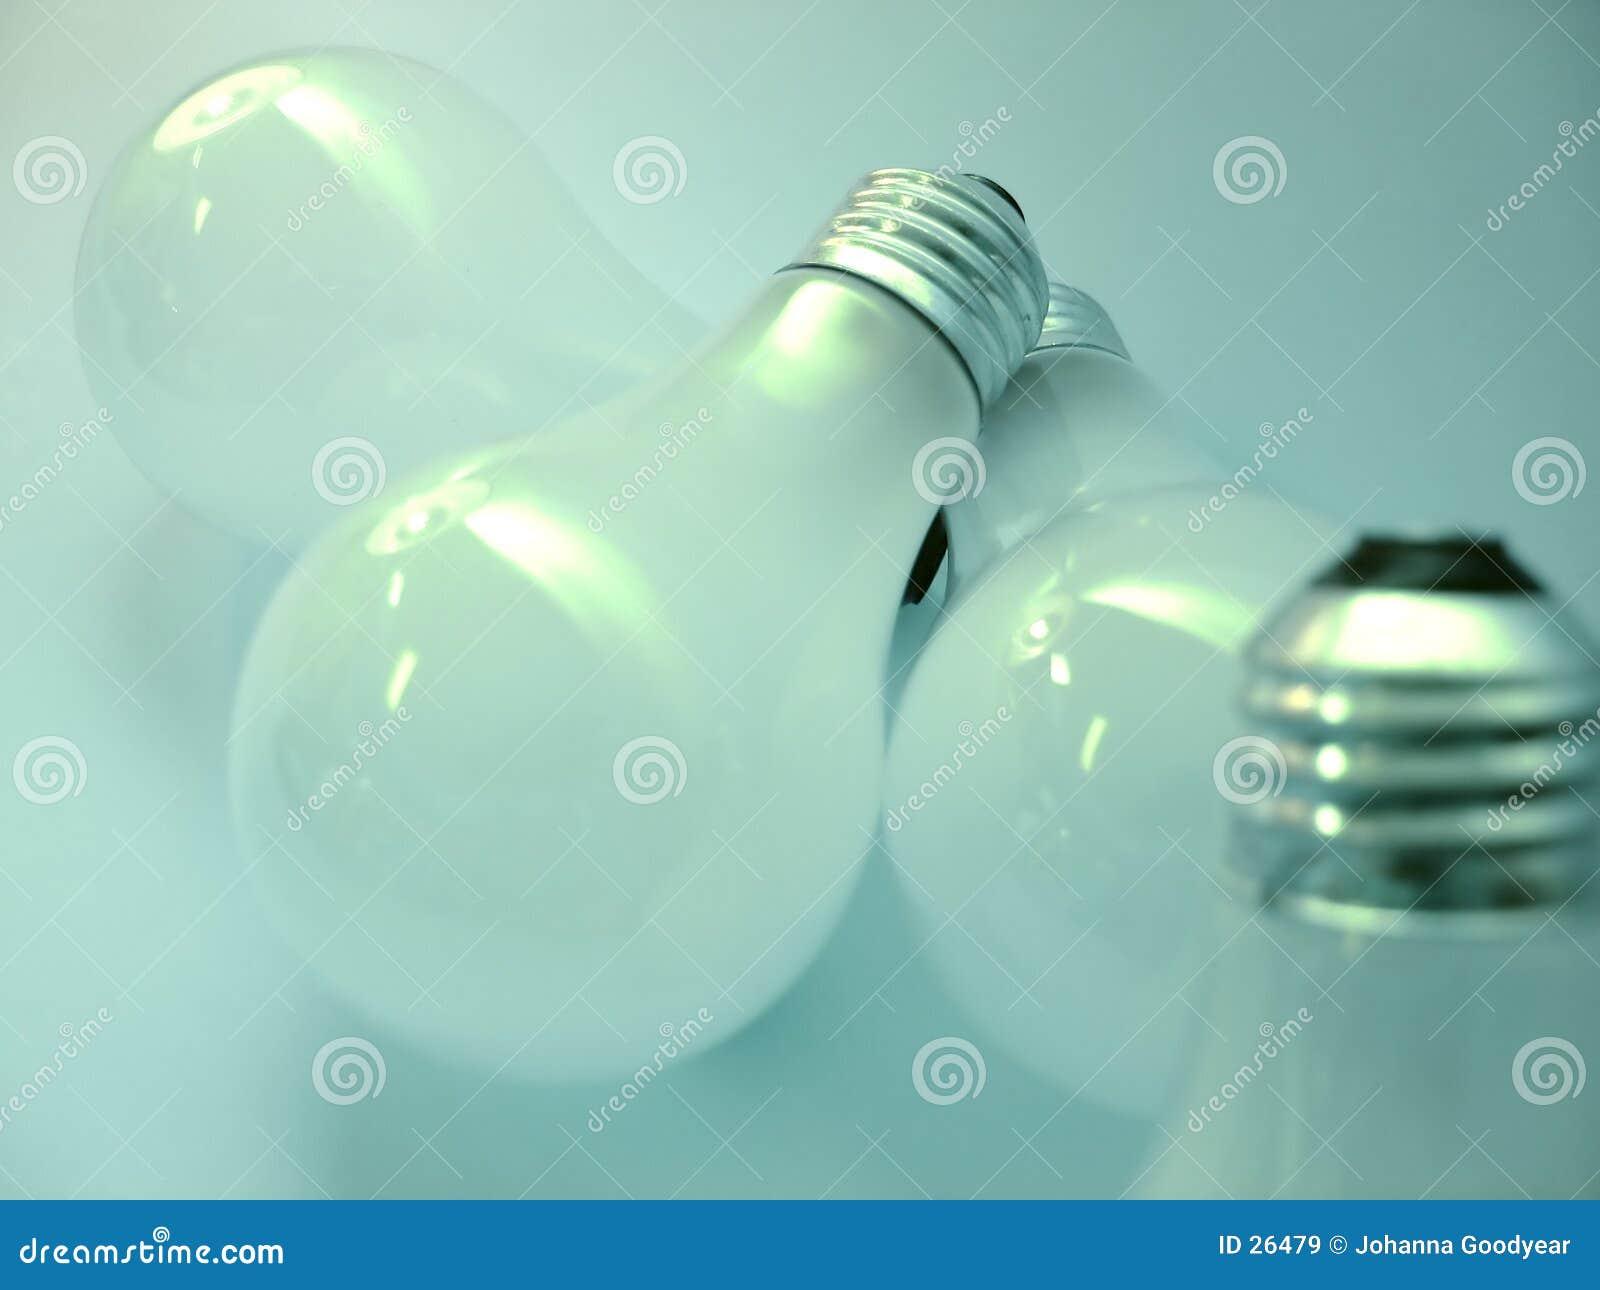 Download Bulbos 2 imagen de archivo. Imagen de invenciones, bulbos - 26479